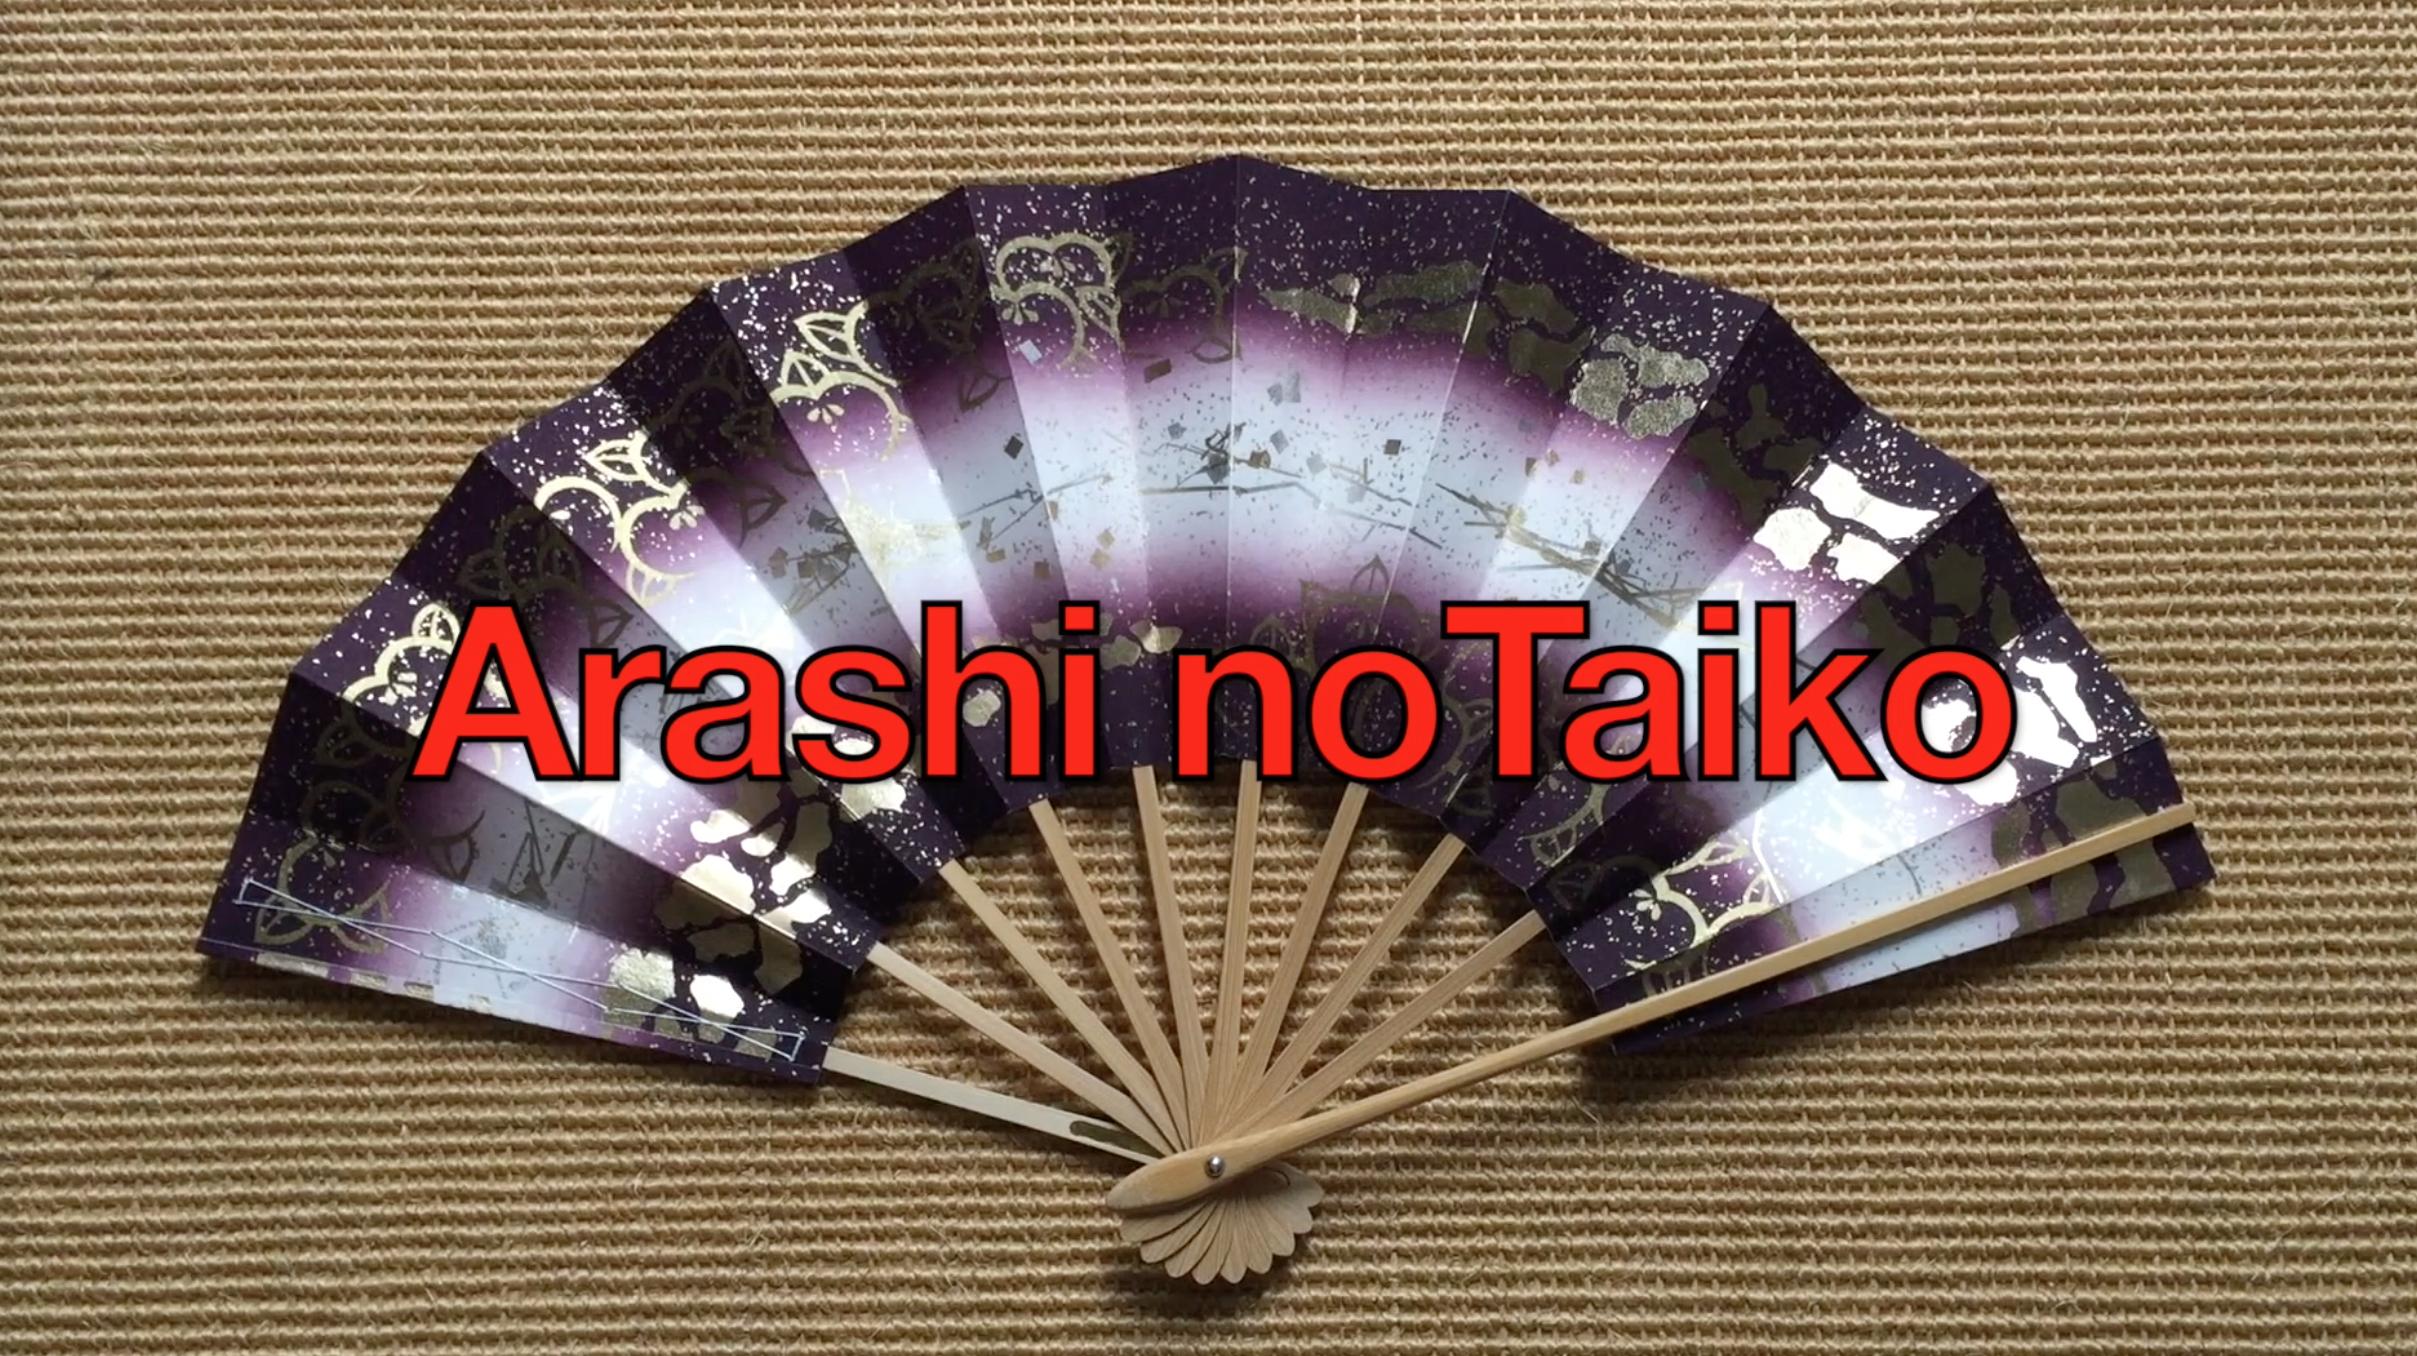 Arashi no Taiko, a Japanese Dance